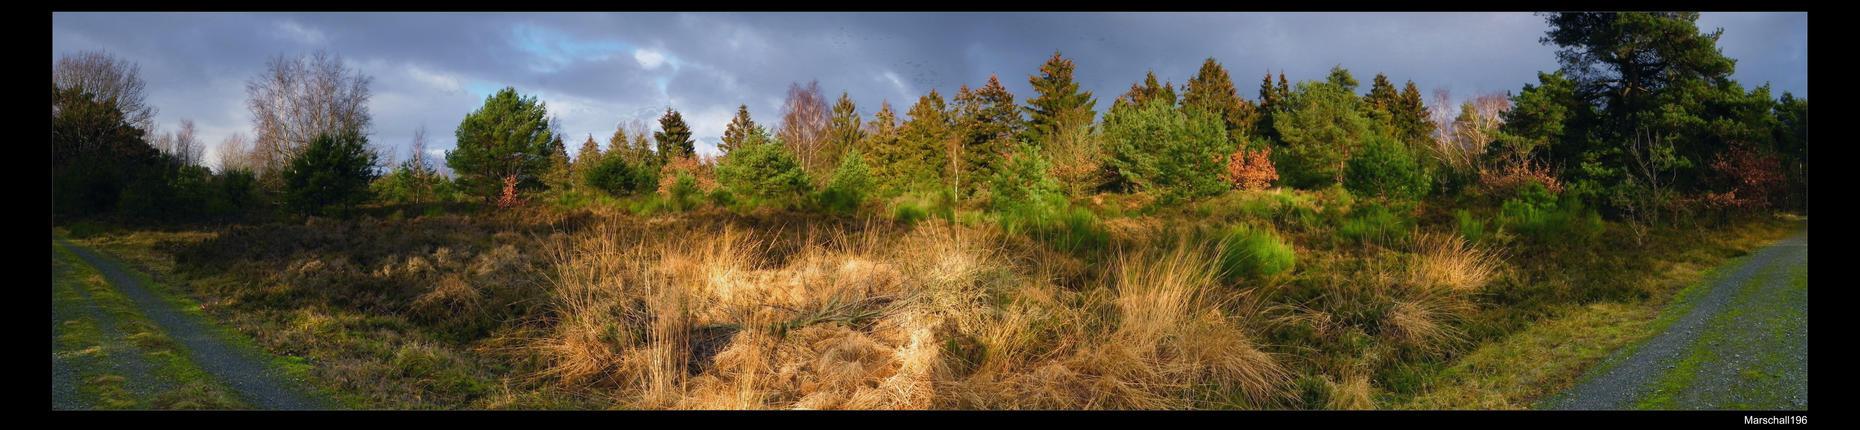 Nature Panorama by marschall196